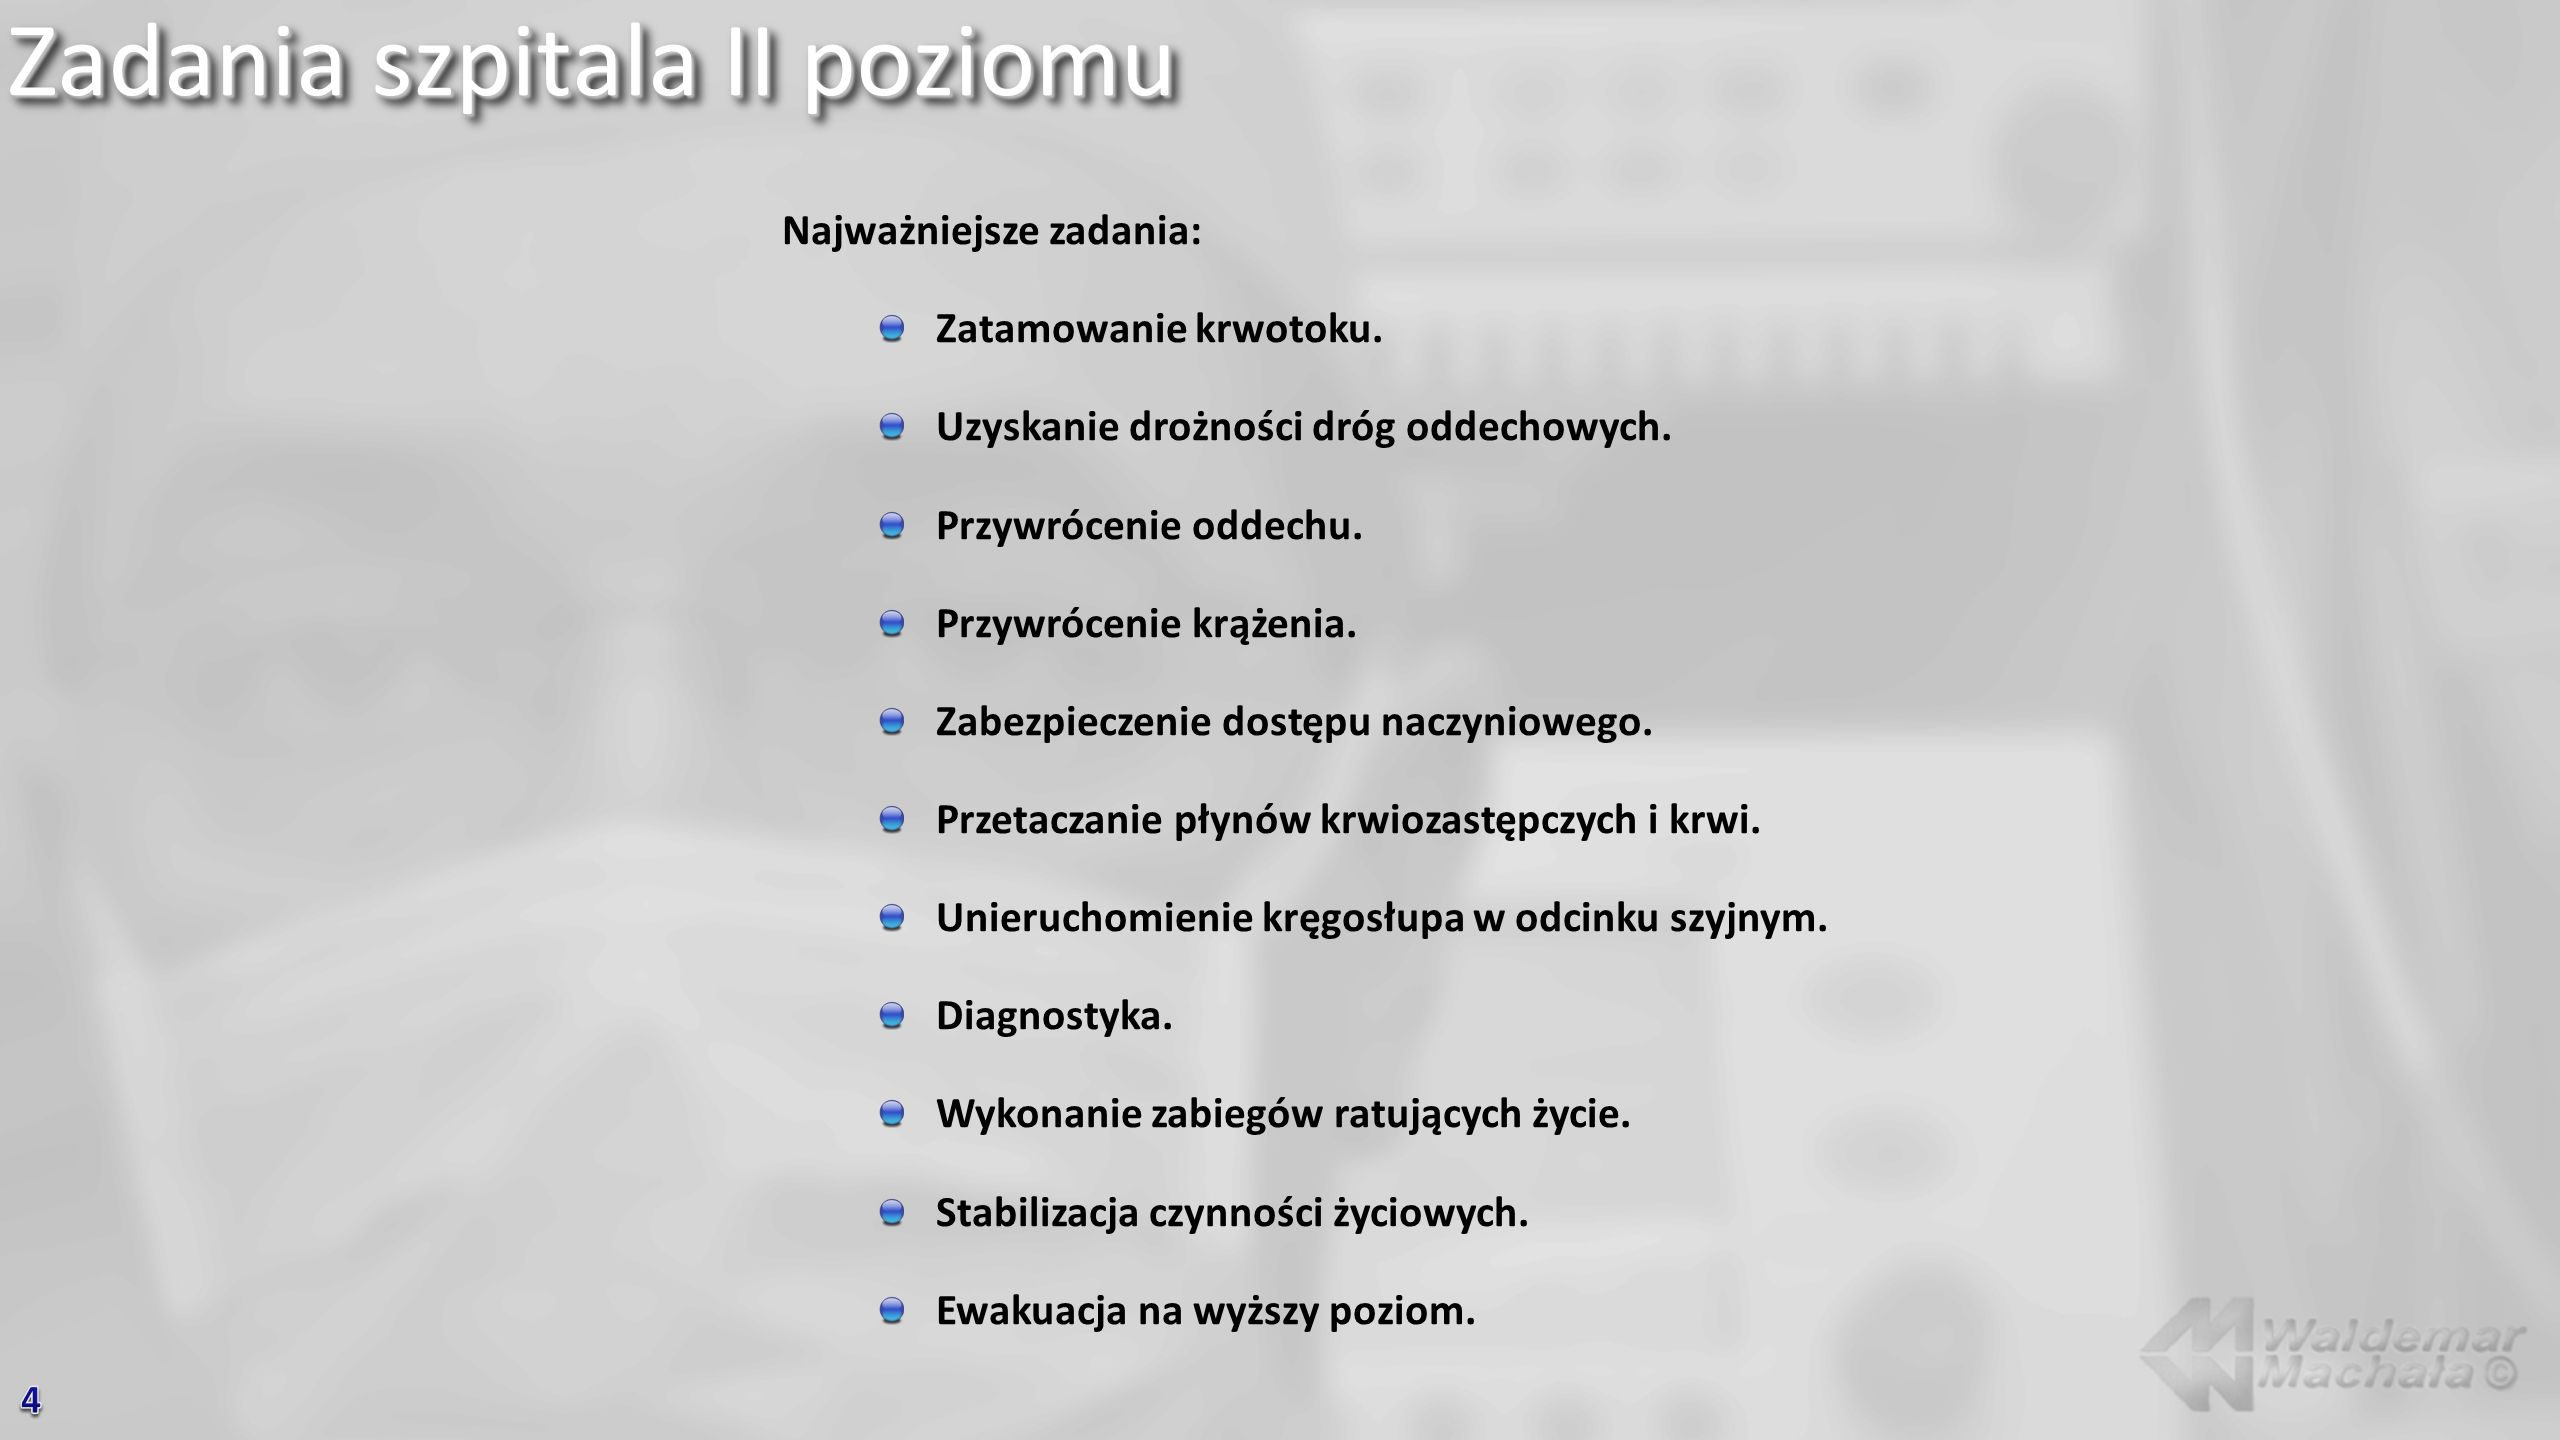 Zadania szpitala II poziomu